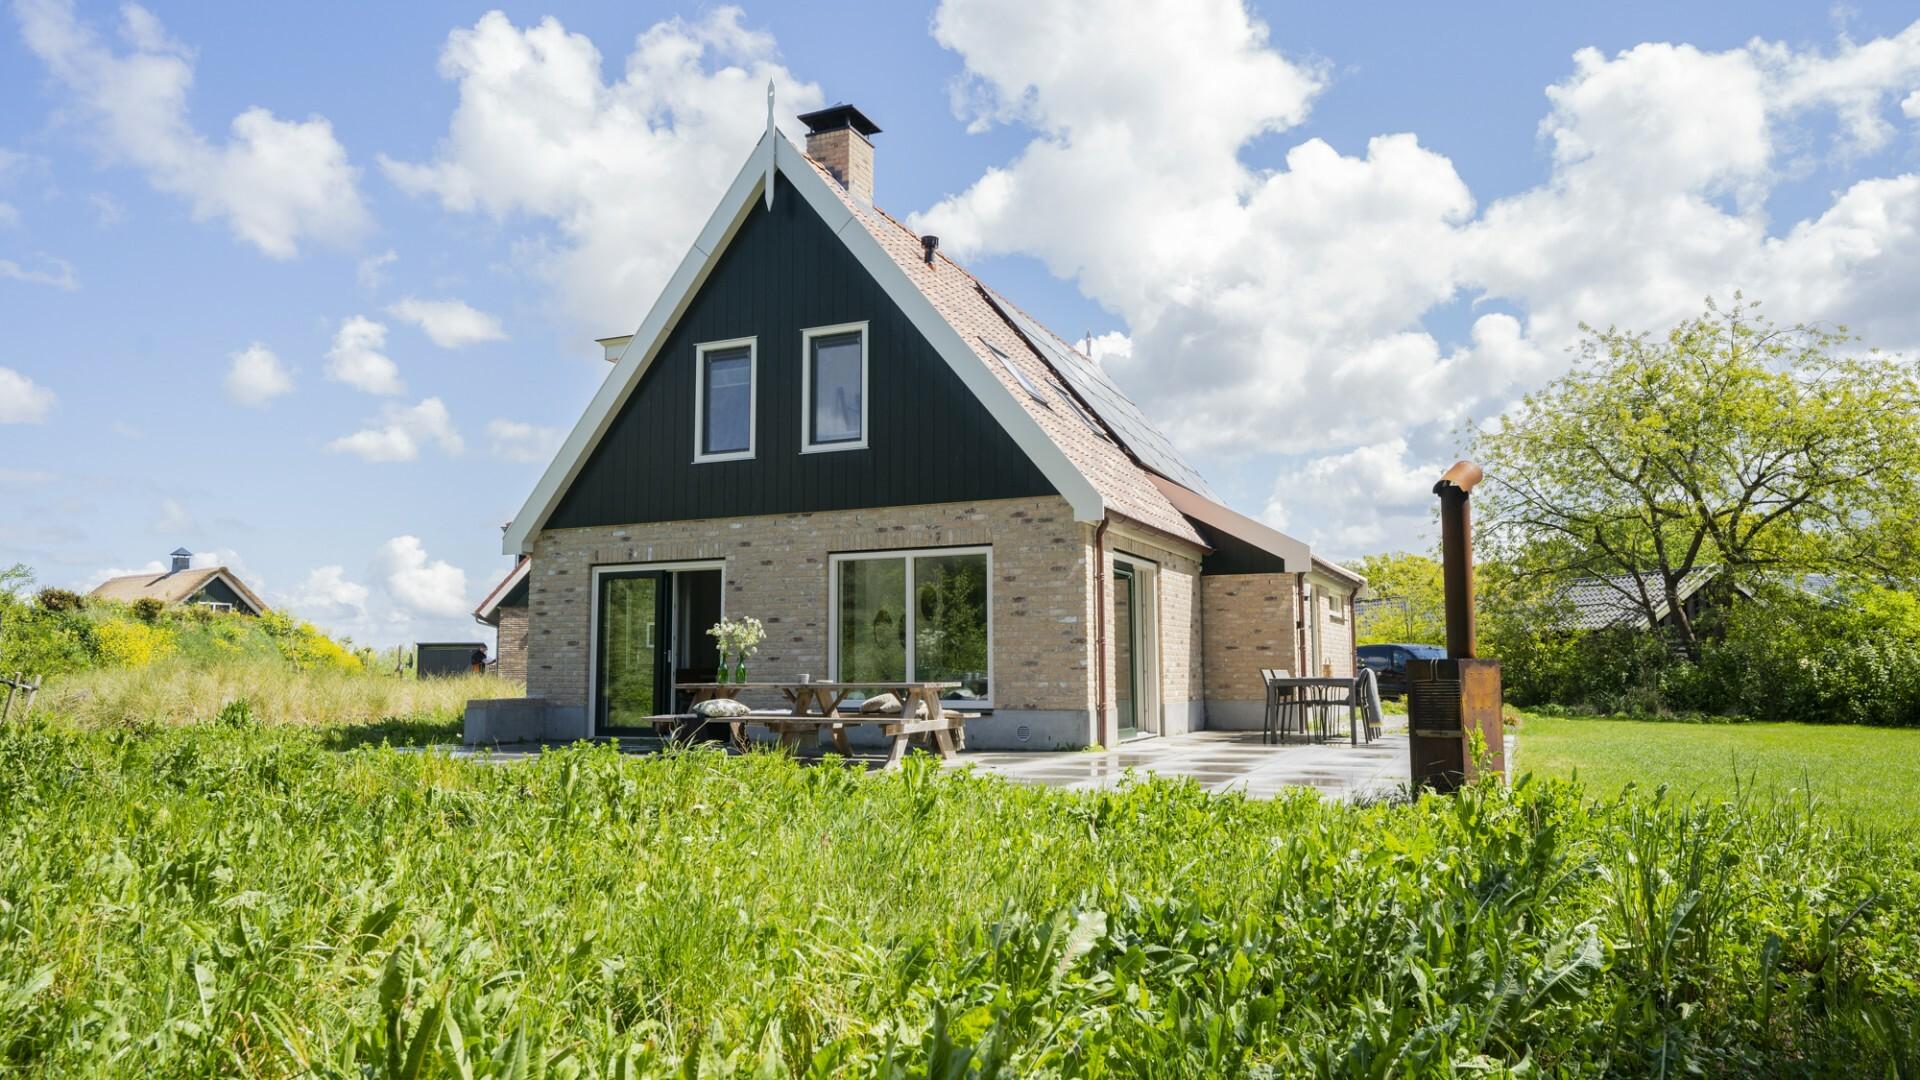 Buitenduin natuurhuisje VVV Texel